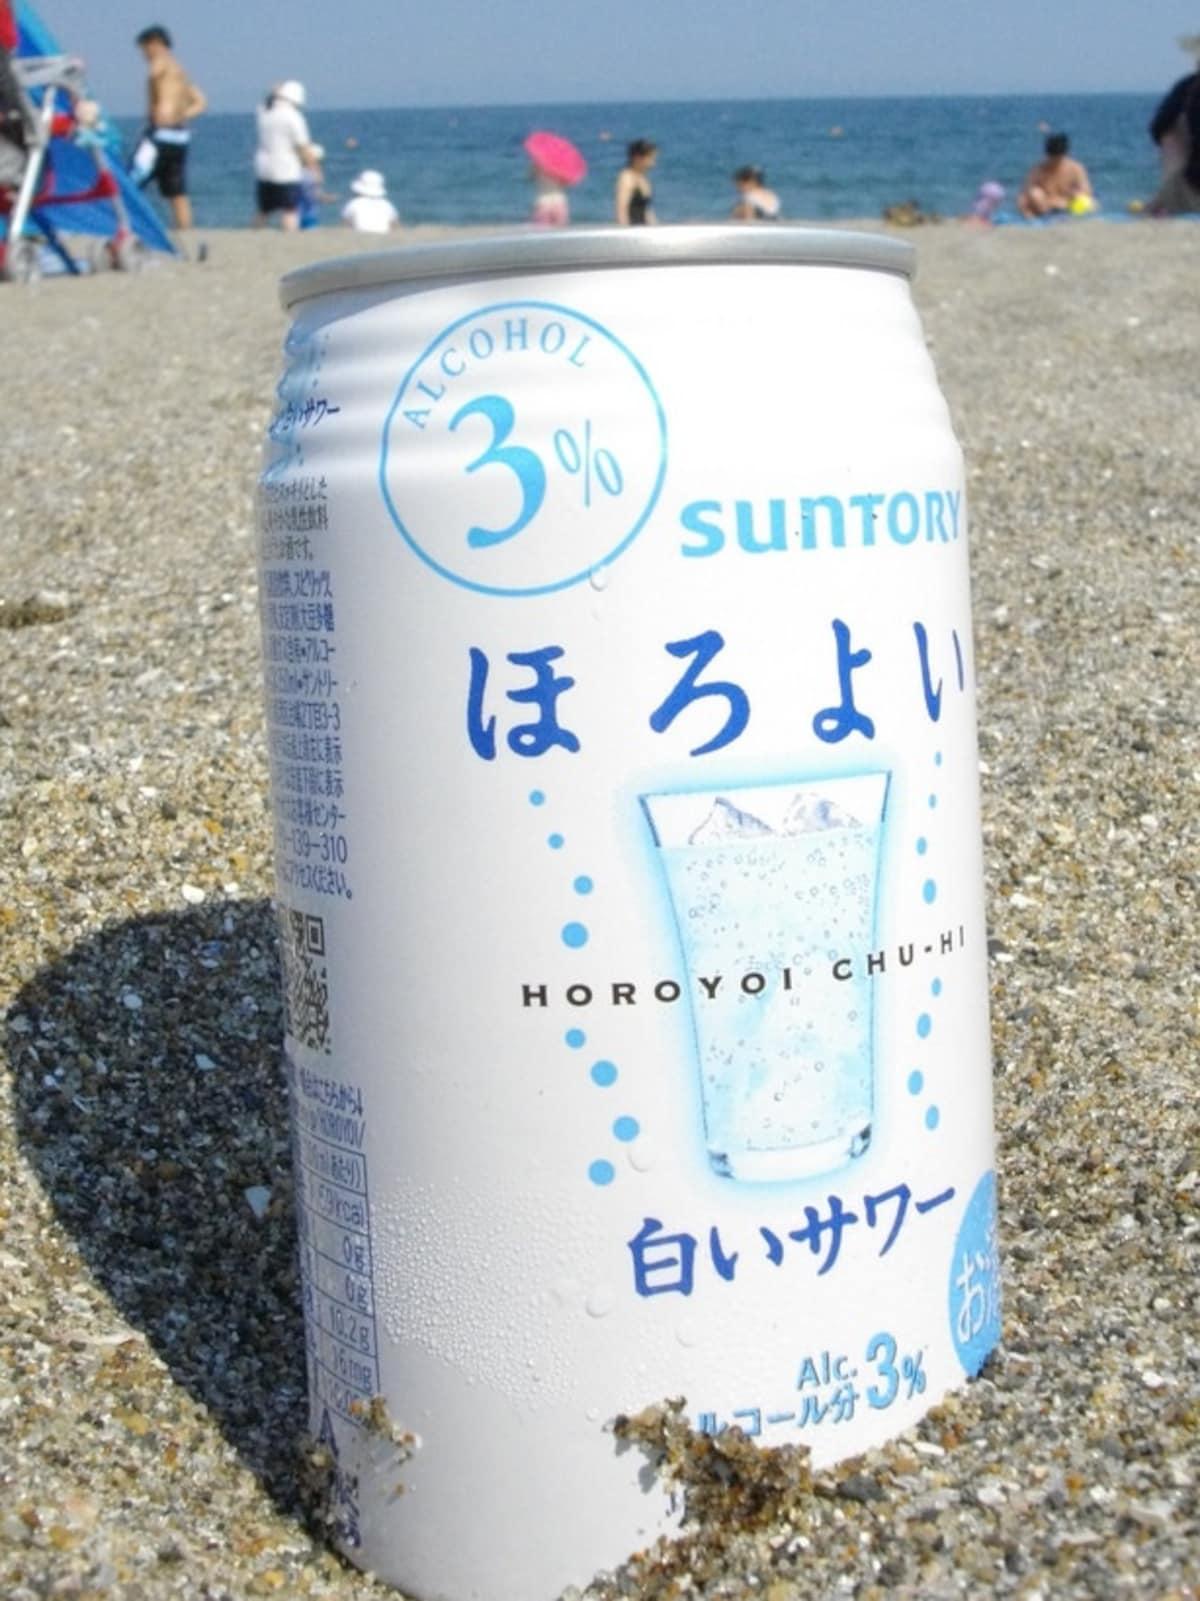 三得利出品的經典調味酒|Horoyoi 白色沙瓦ほろよい〈ほろよい 白い沙瓦ほろよい〉